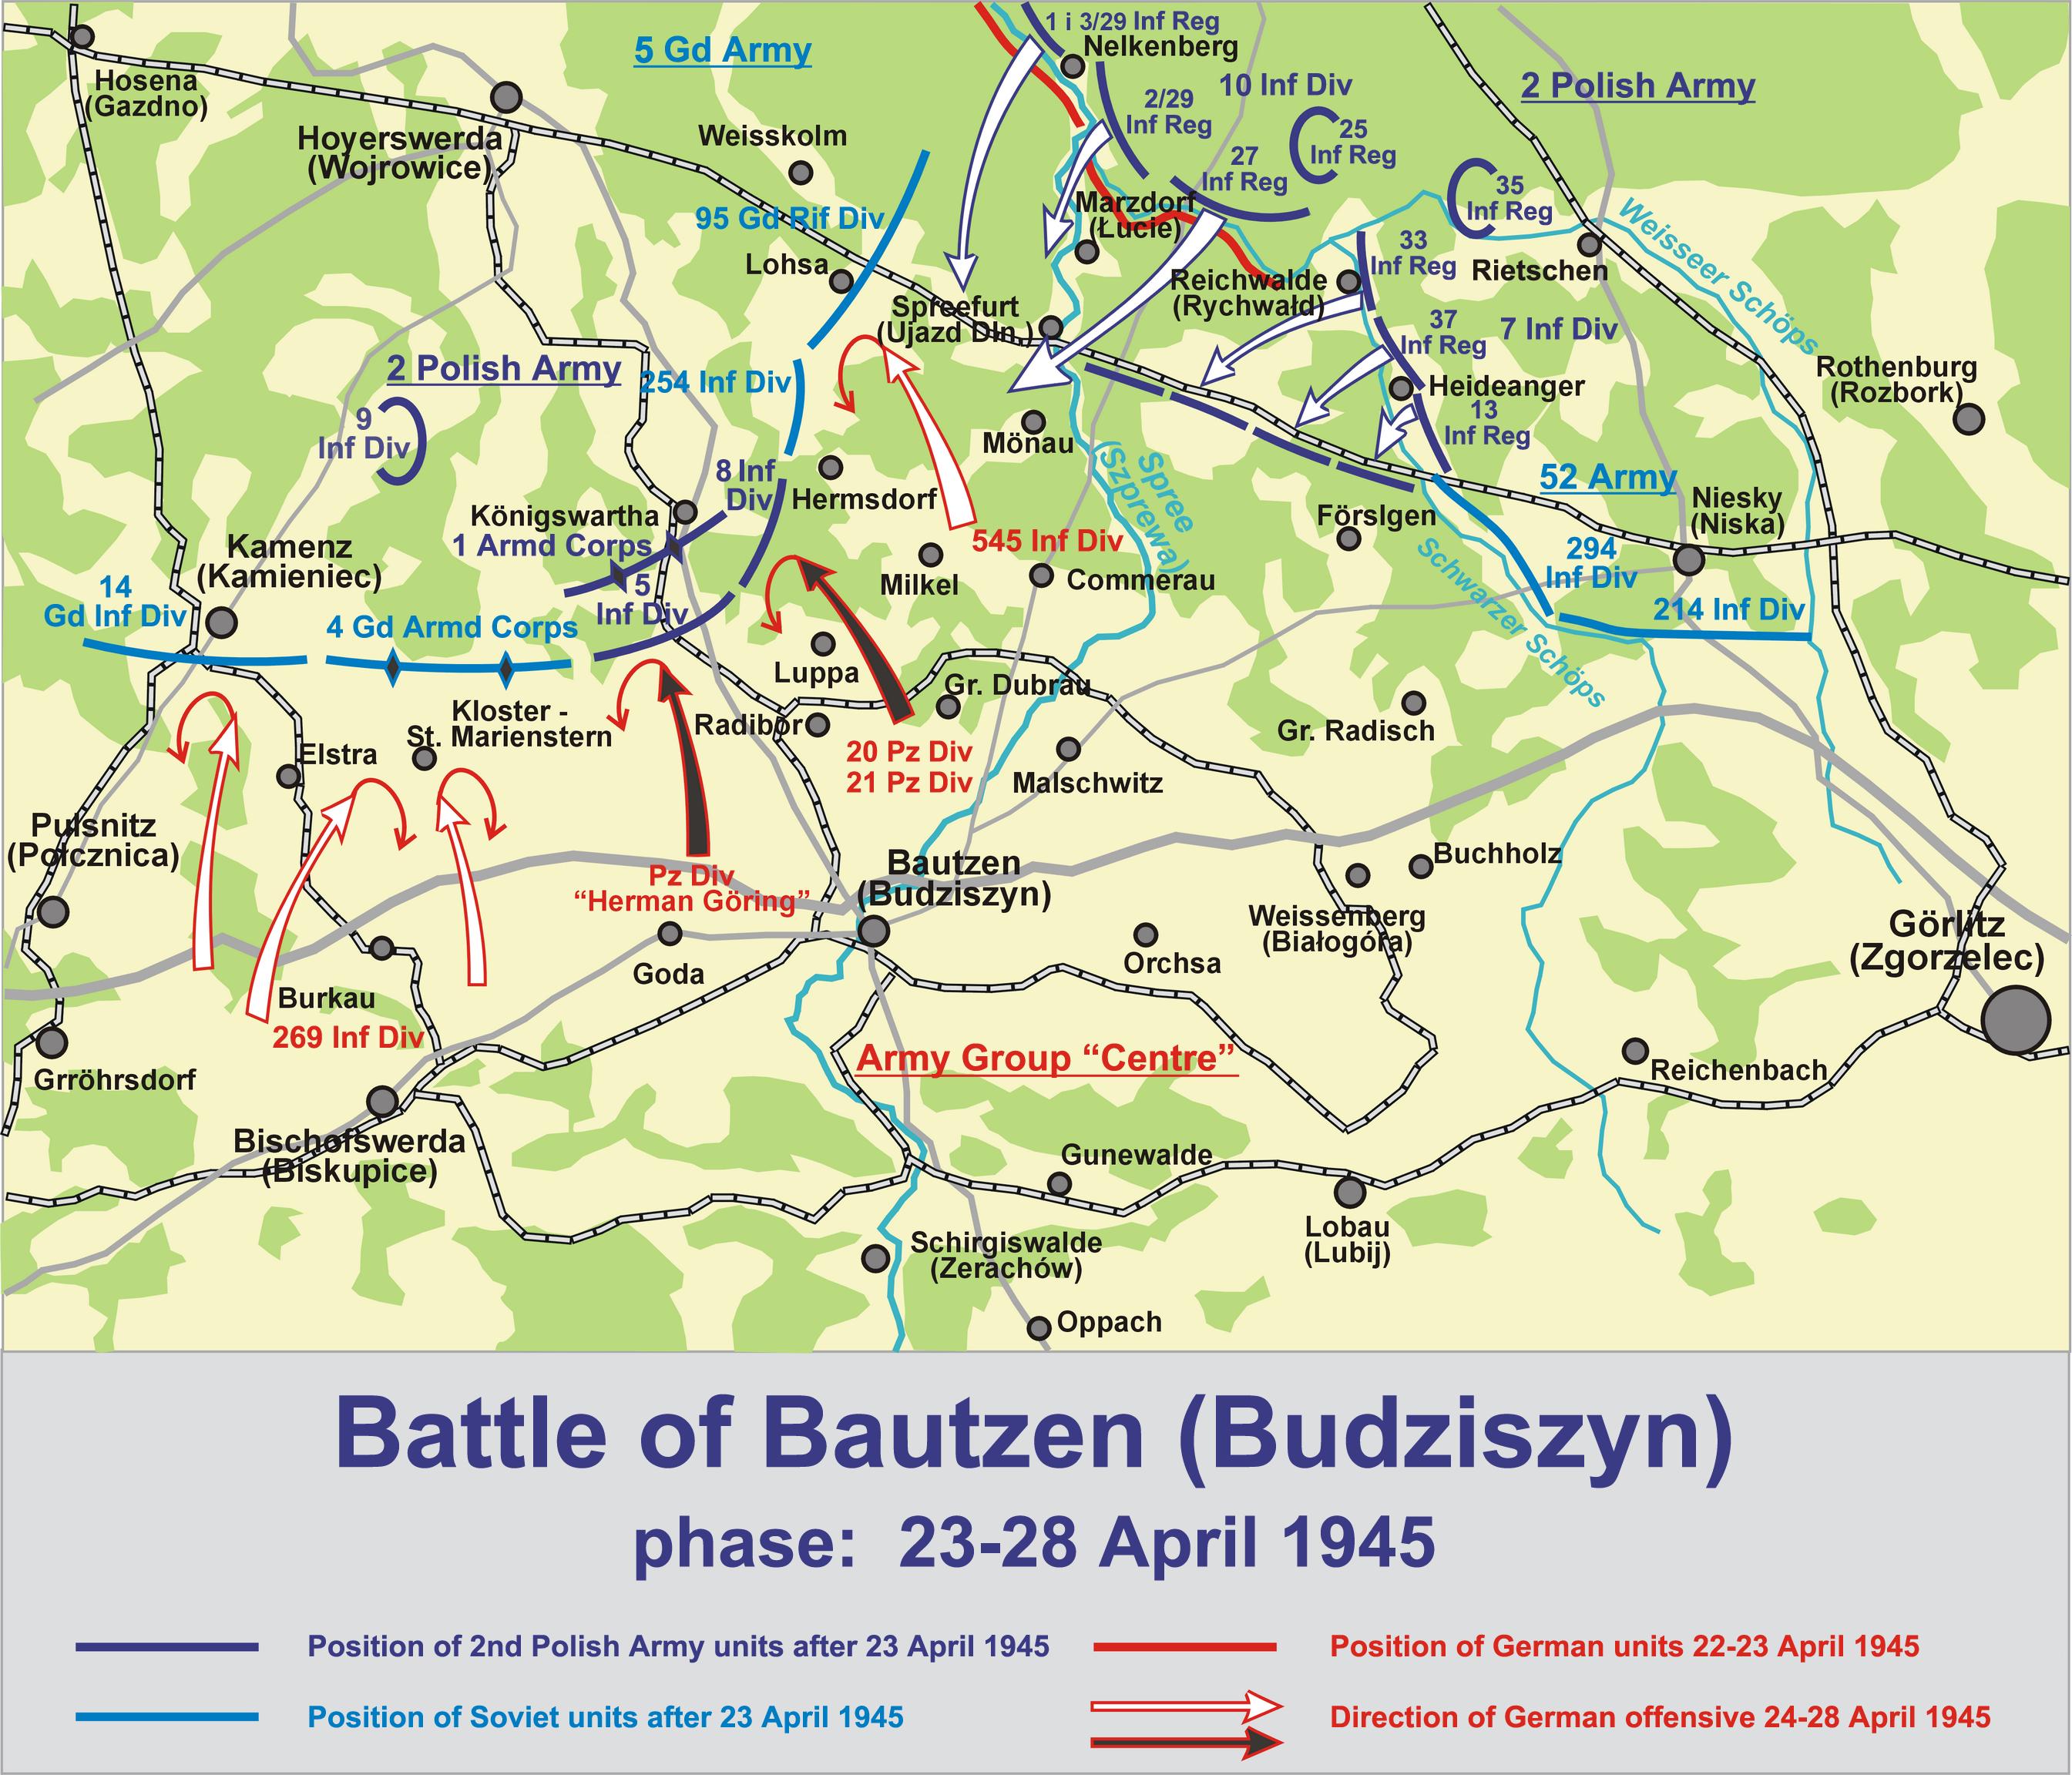 Battle Bautzen 1813 Map of The Battle of Bautzen